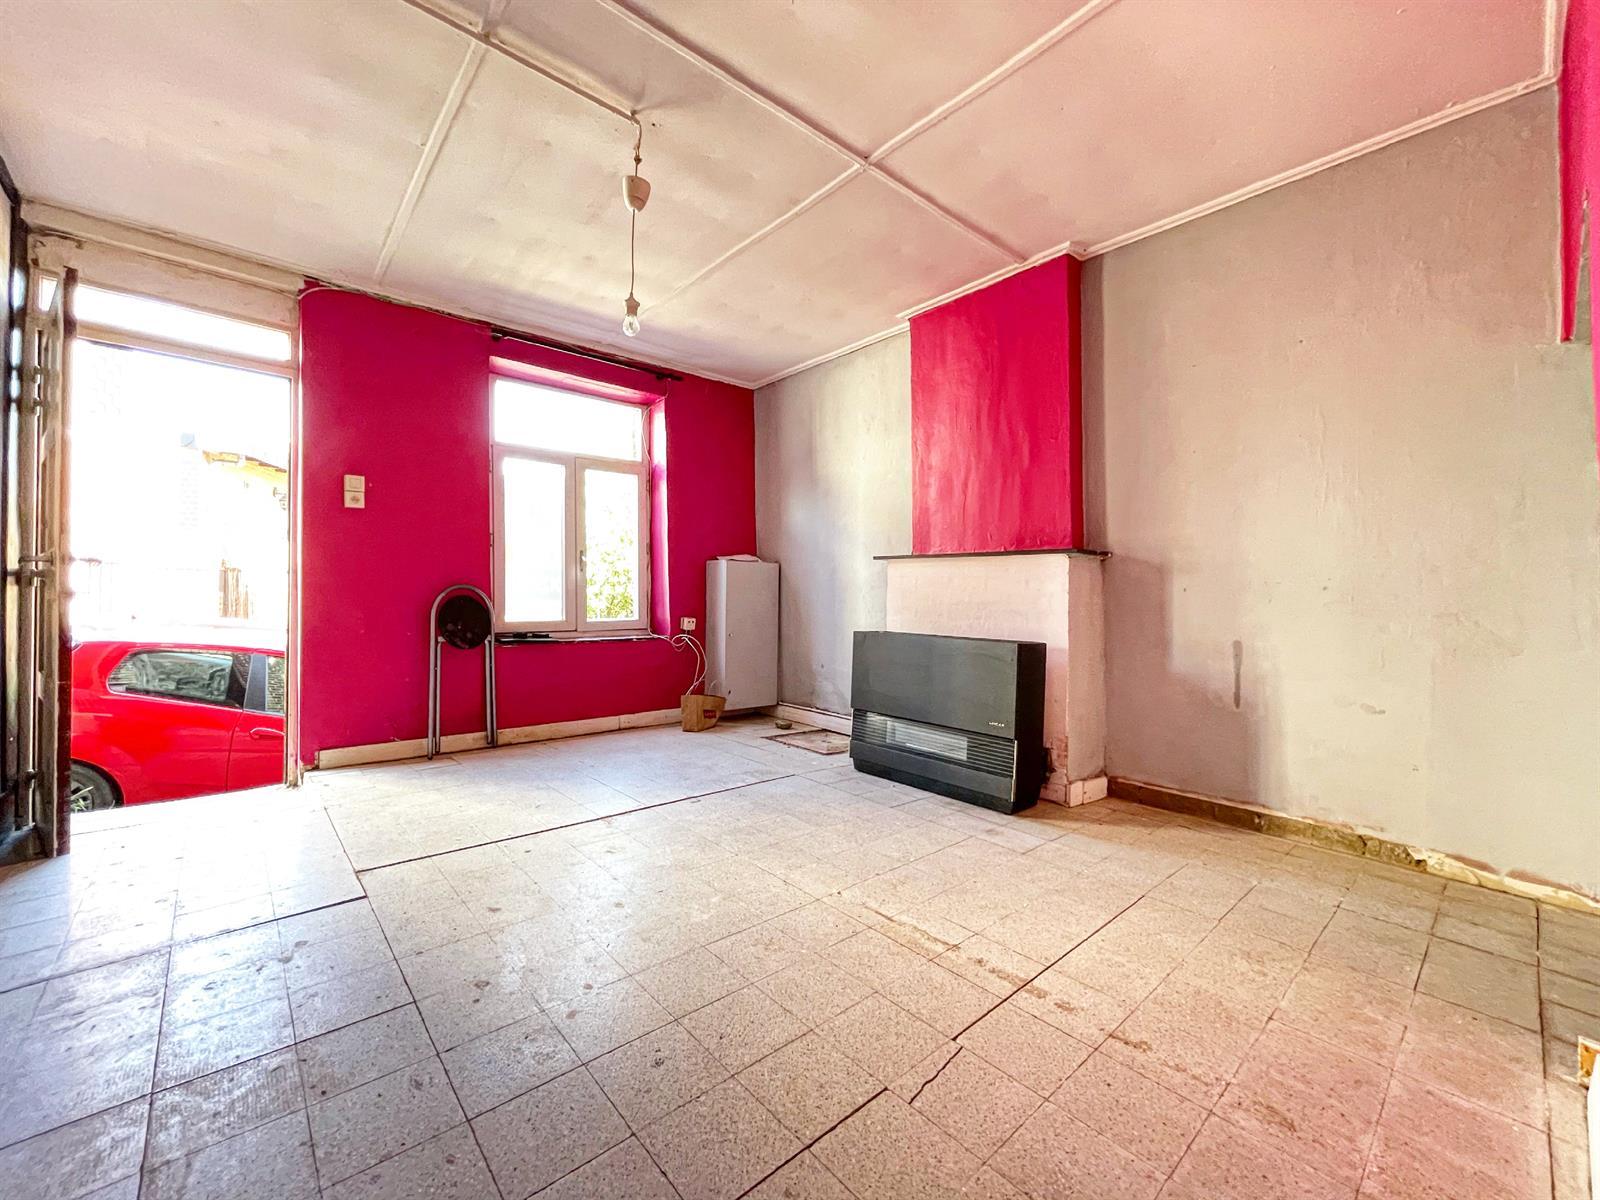 Huis - Liege - #4397614-2